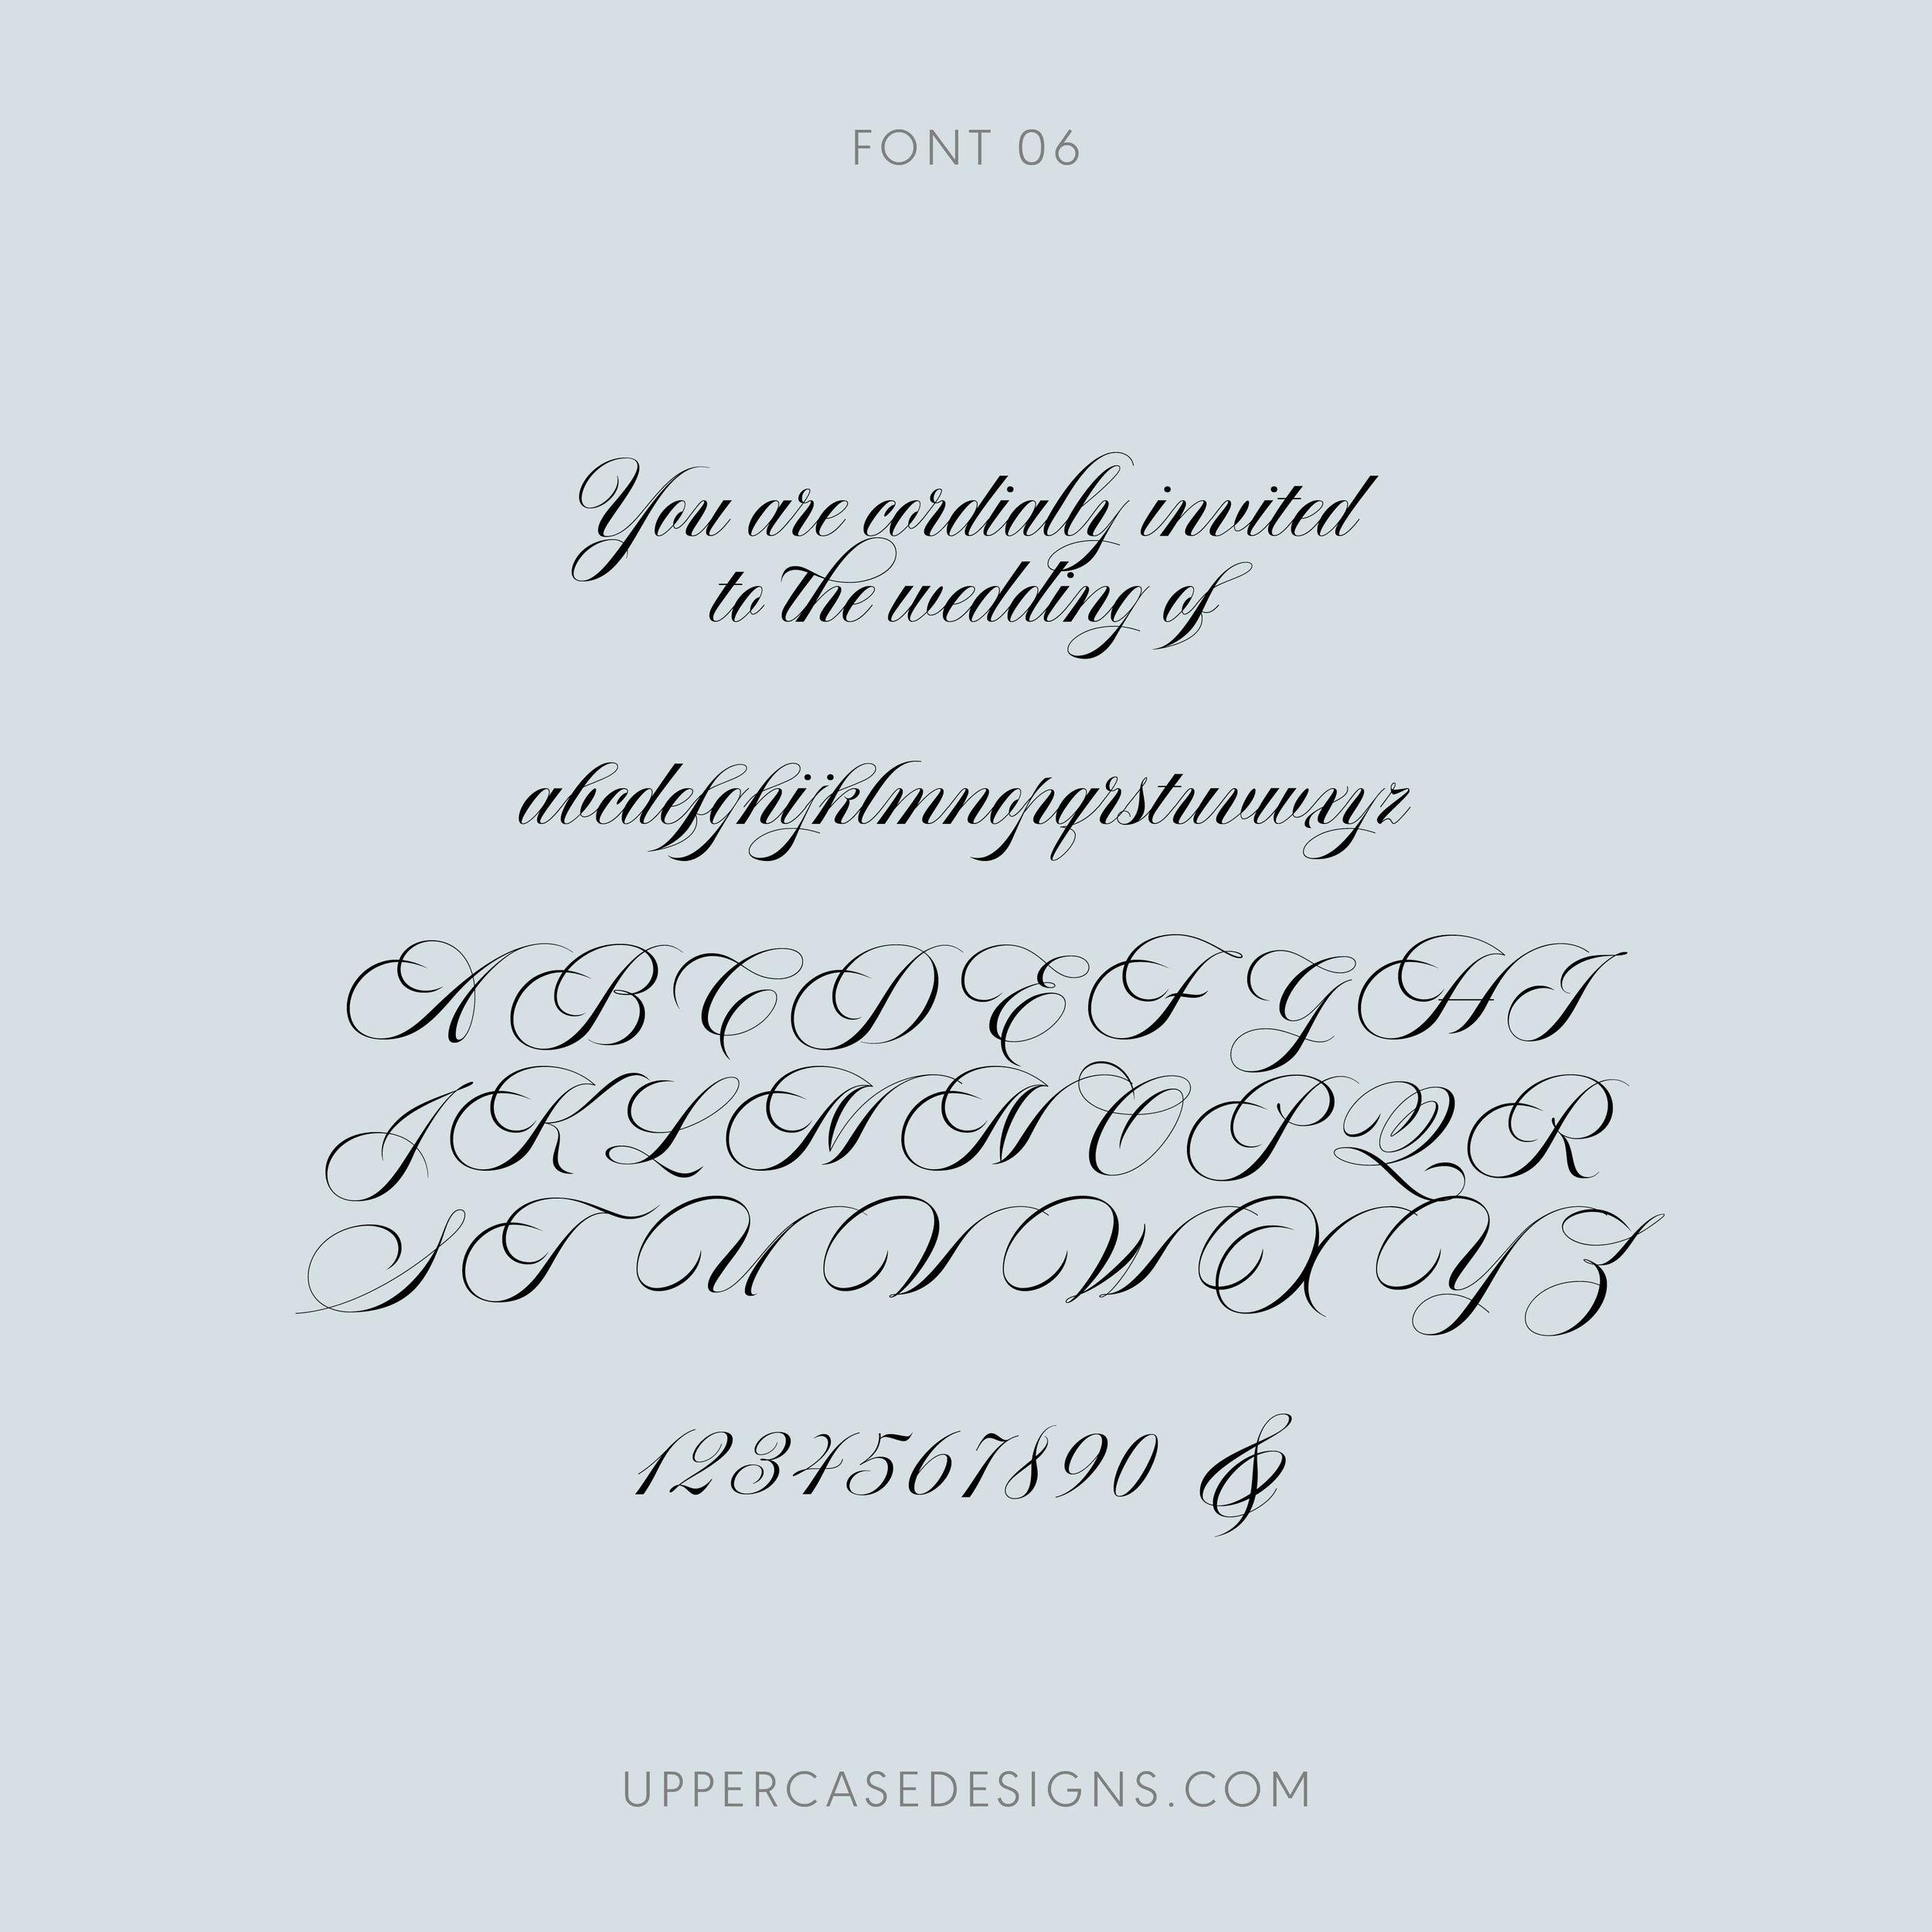 UppercaseDesigns-Fonts-20206.jpg